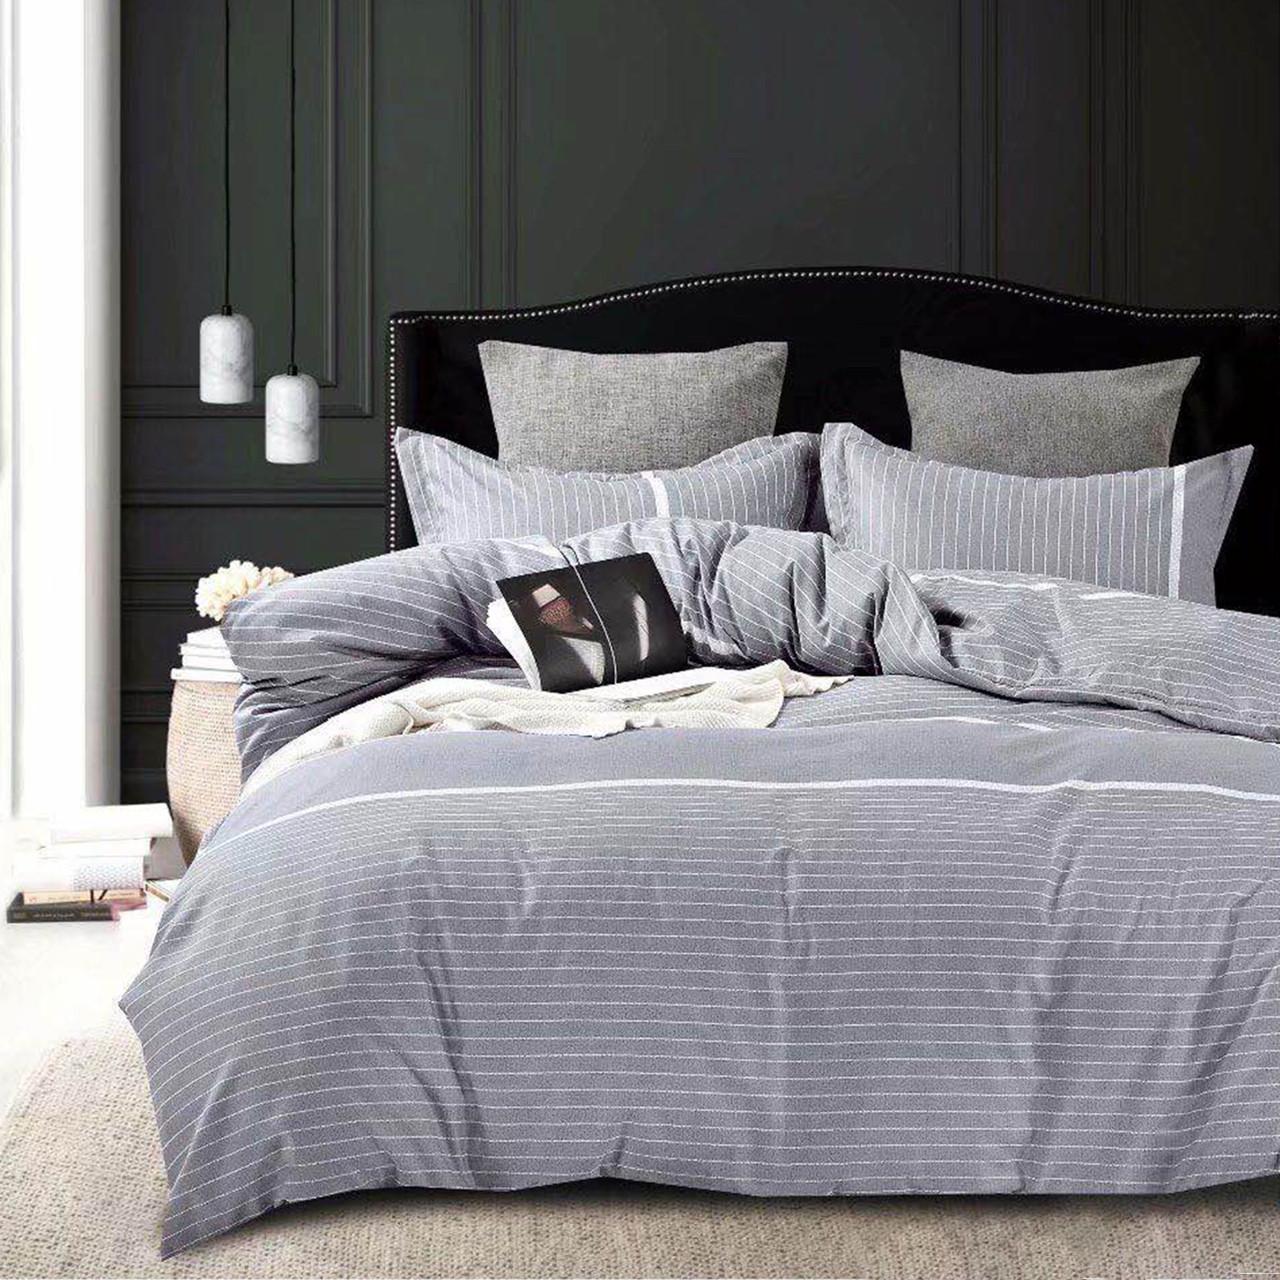 Полосатое серое постельное белье серый комплект постельного белья Полоска